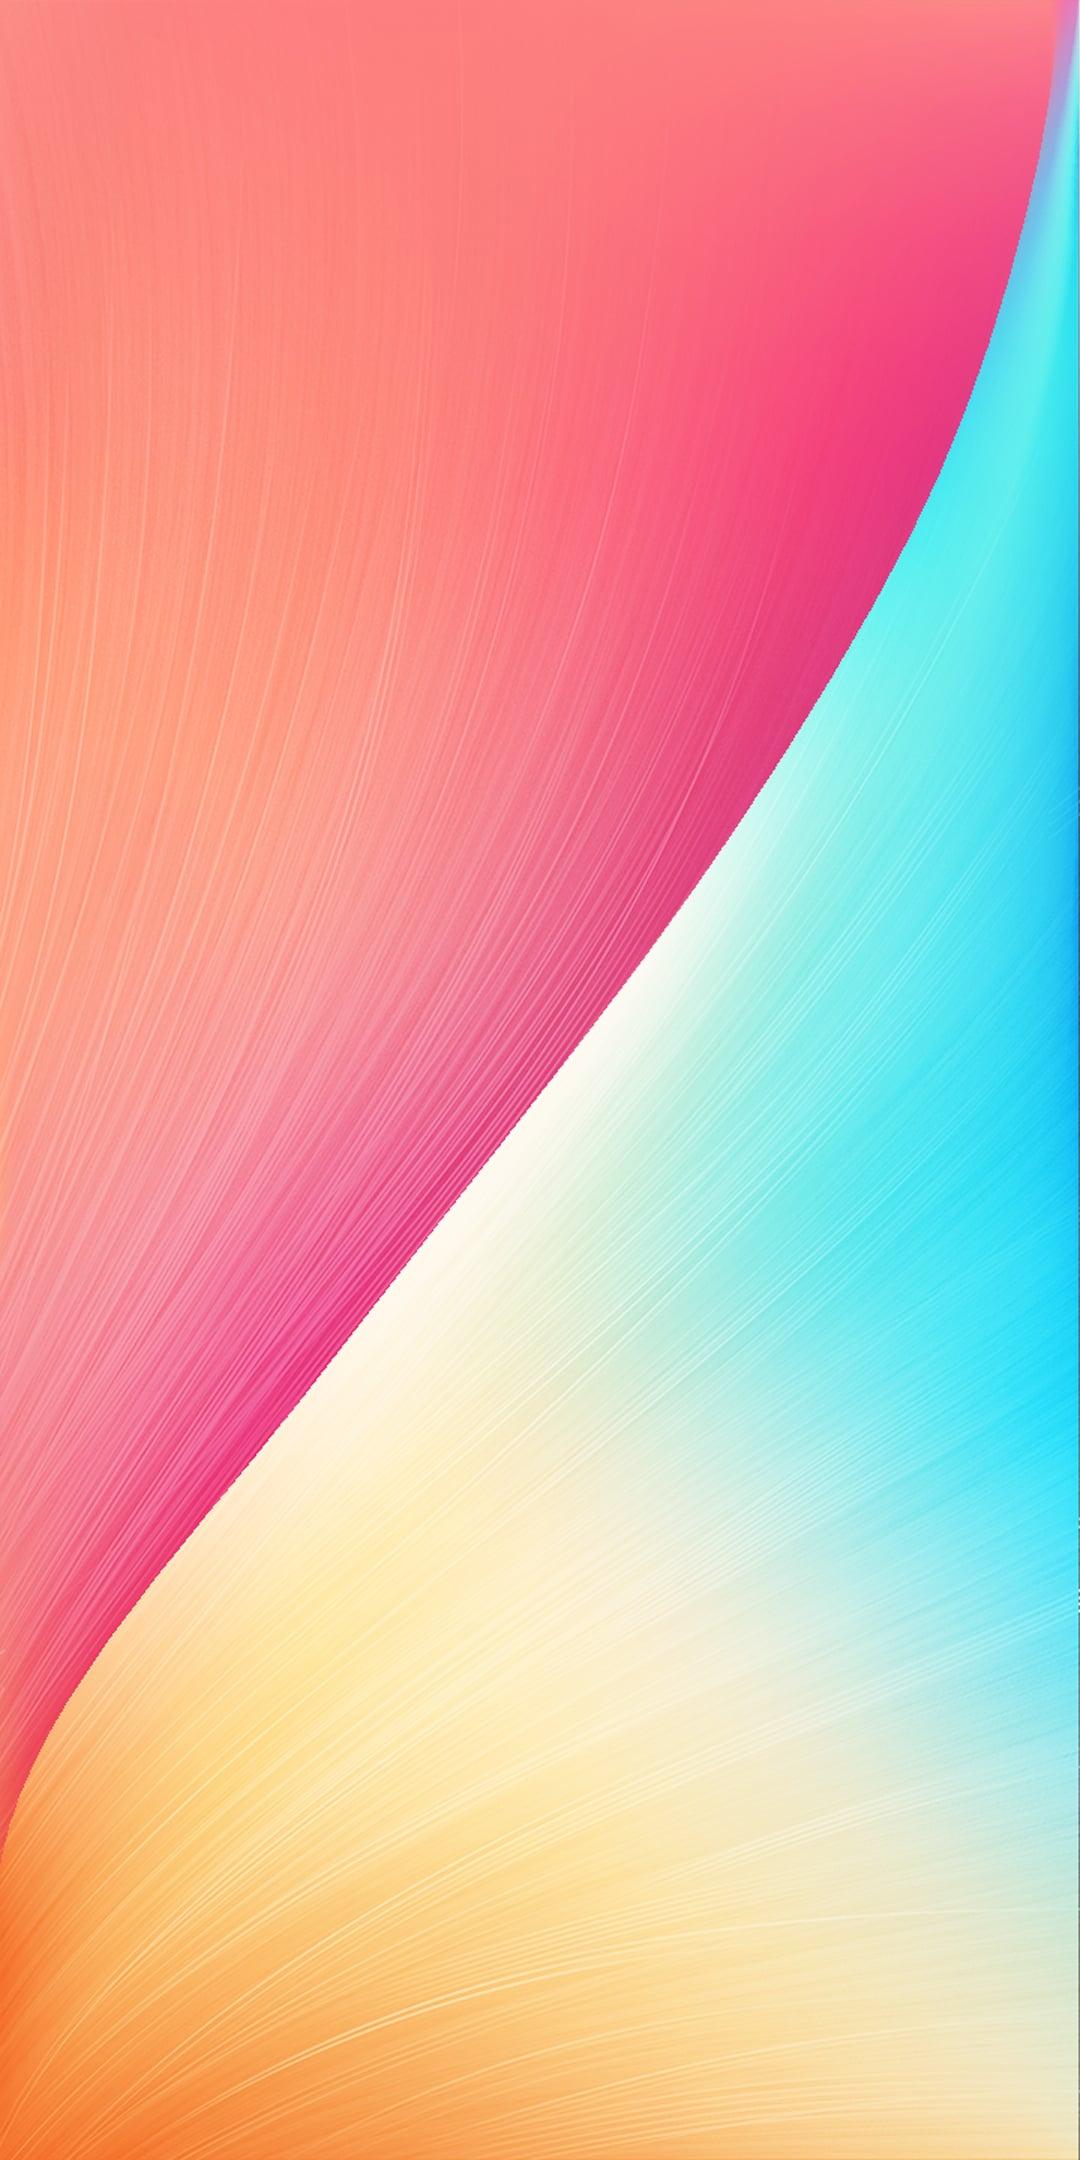 Download Tecno Camon X Wallpapers Droidviews